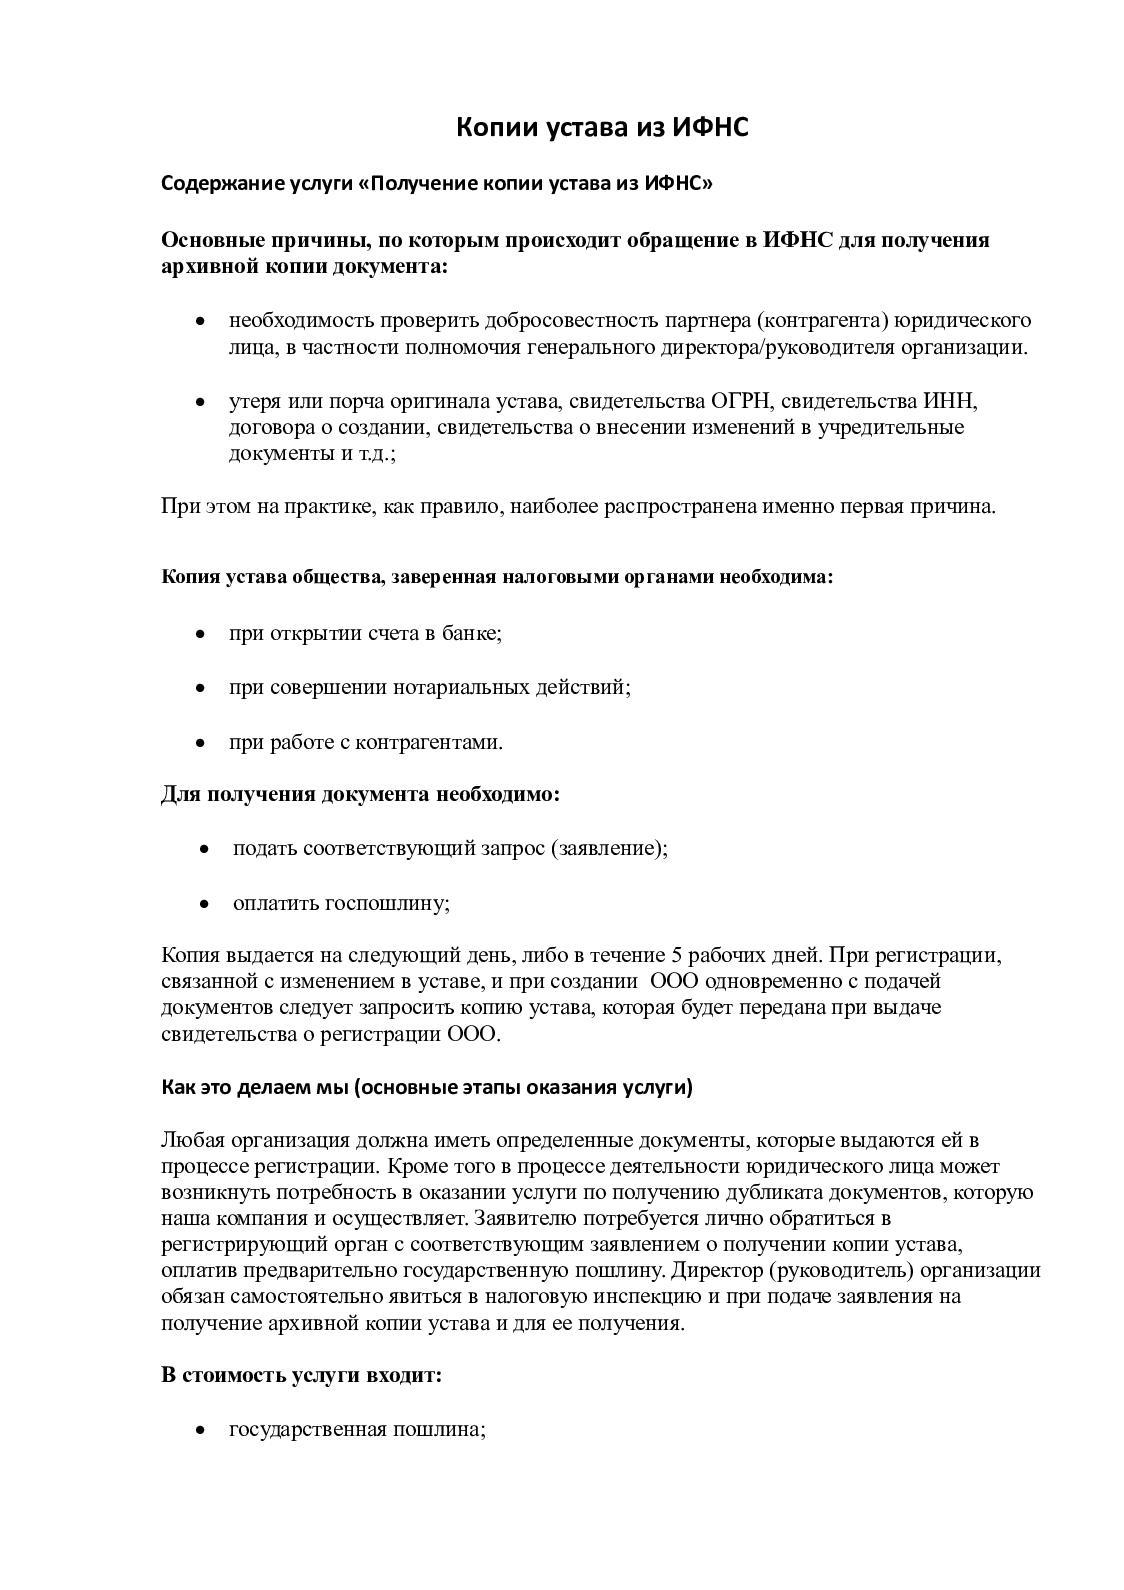 Заявление на копию устава при регистрации ооо декларация 3 ндфл 2019 налоговые вычеты